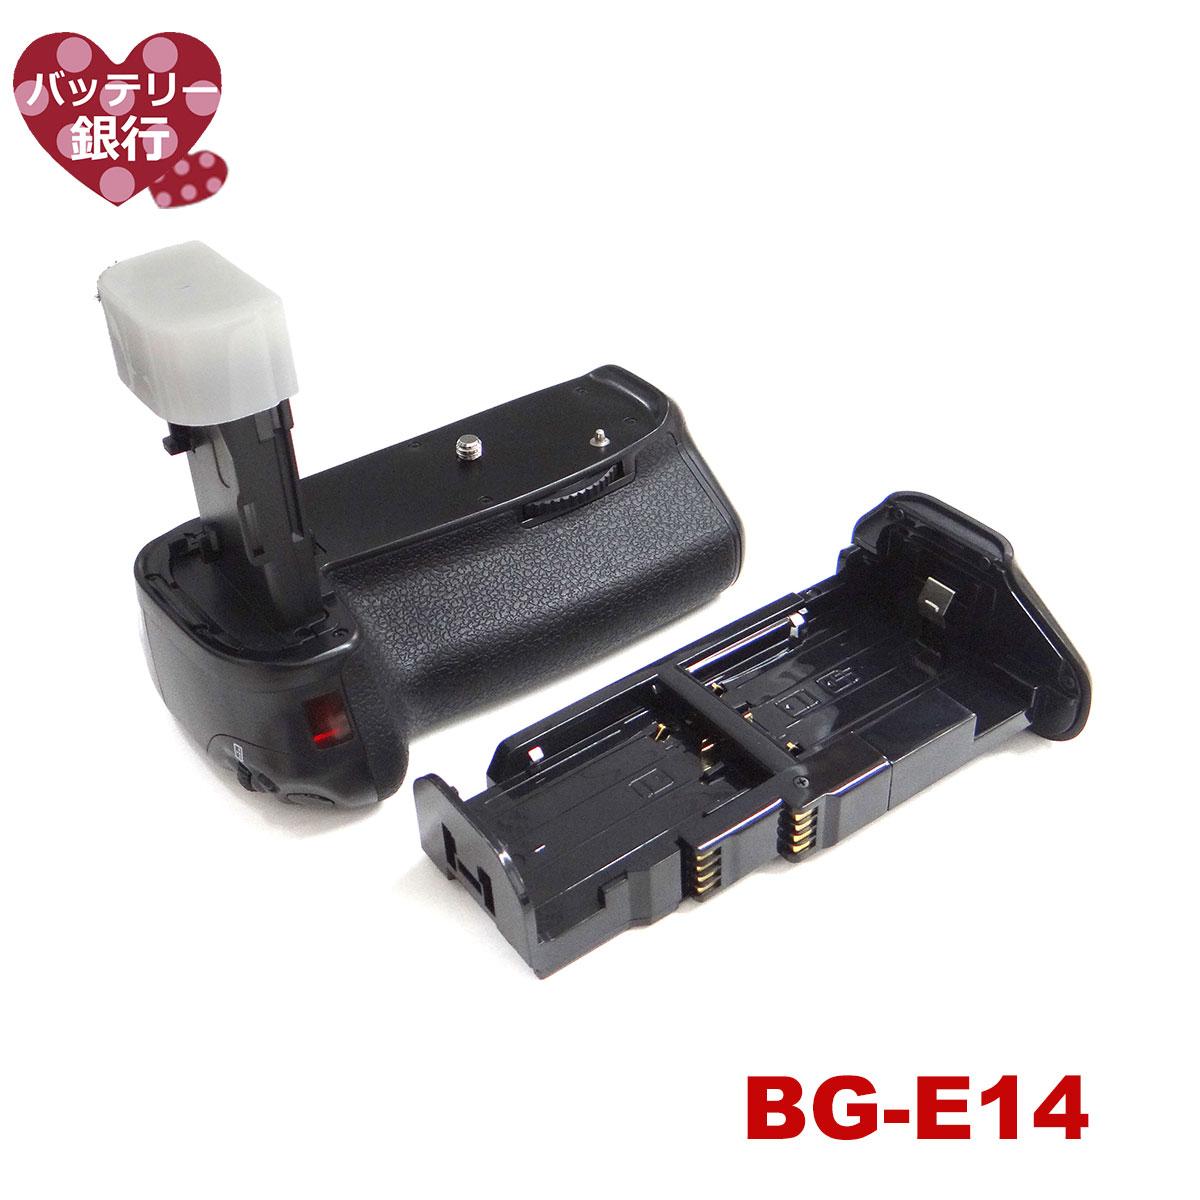 【あす楽対応】Canon BG-E14 対応マルチパワーバッテリーグリップ 純正互換品EOS 70D /LP-E6 EOS 80D